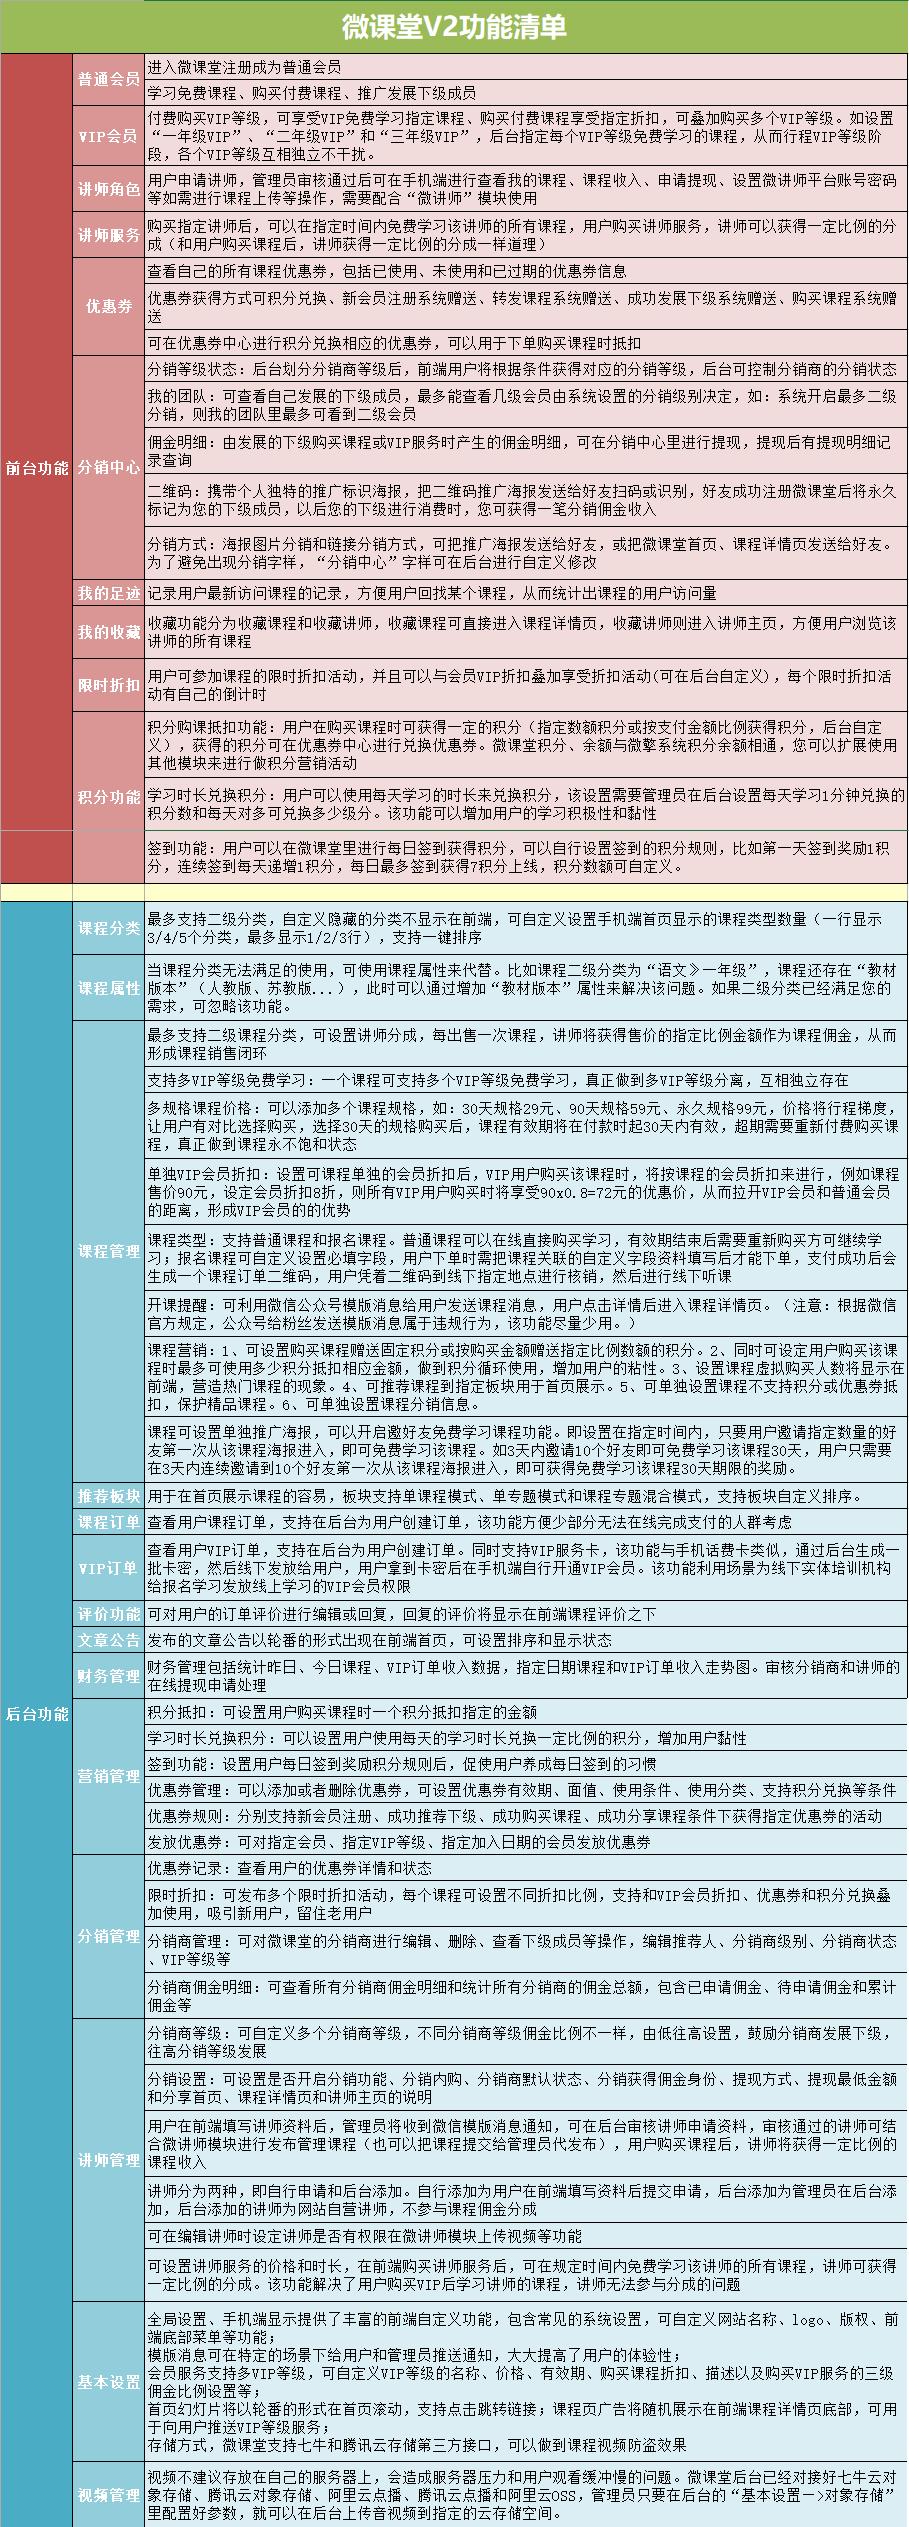 微课堂V2+微讲师包更新【更新至V3.4.7】-微擎二开-社区团购|人人商城|禾匠商城|啦啦外卖|智慧同城